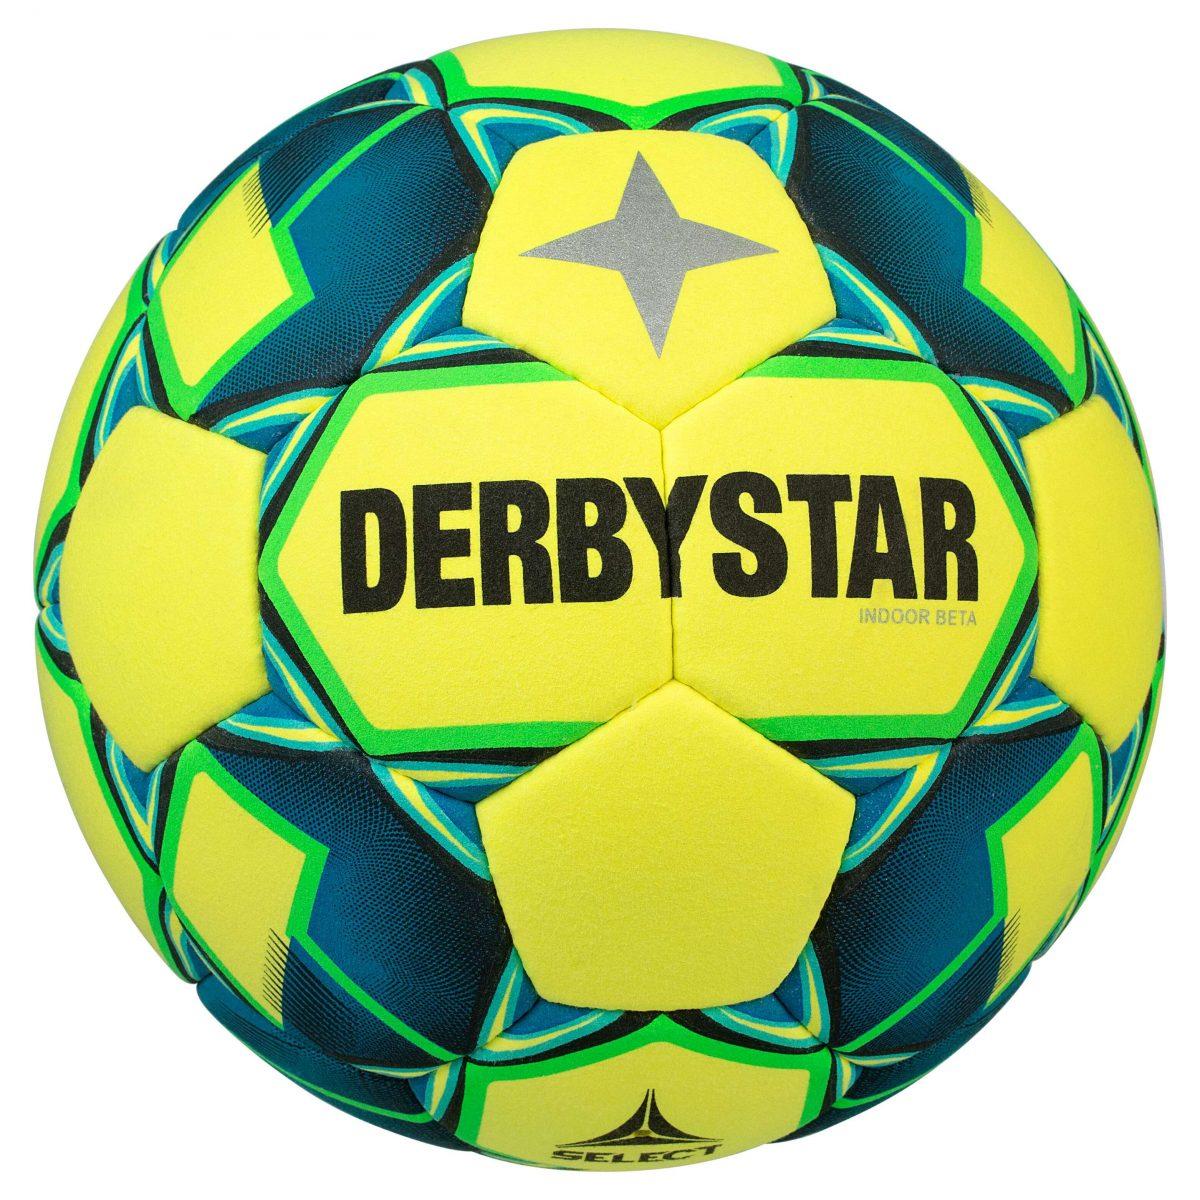 """Derbystar Fußball """"Indoor Beta"""""""